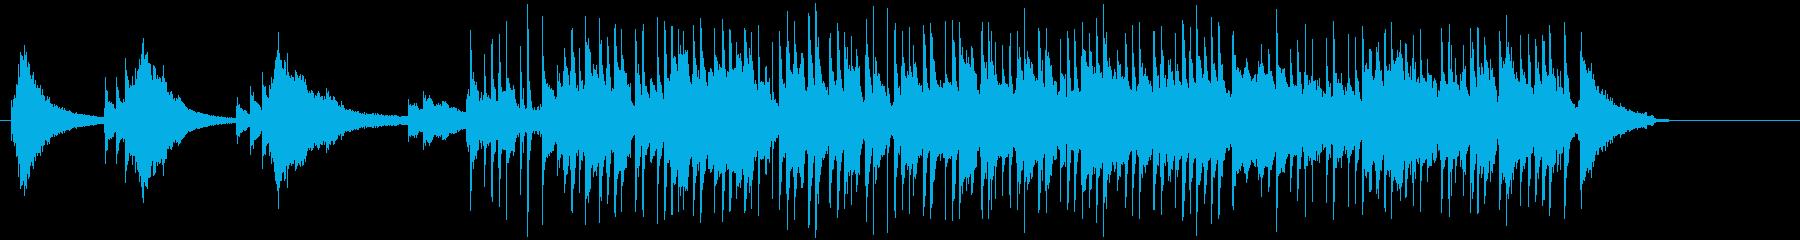 色彩感を強めた流麗なボサノヴァ・サウンドの再生済みの波形